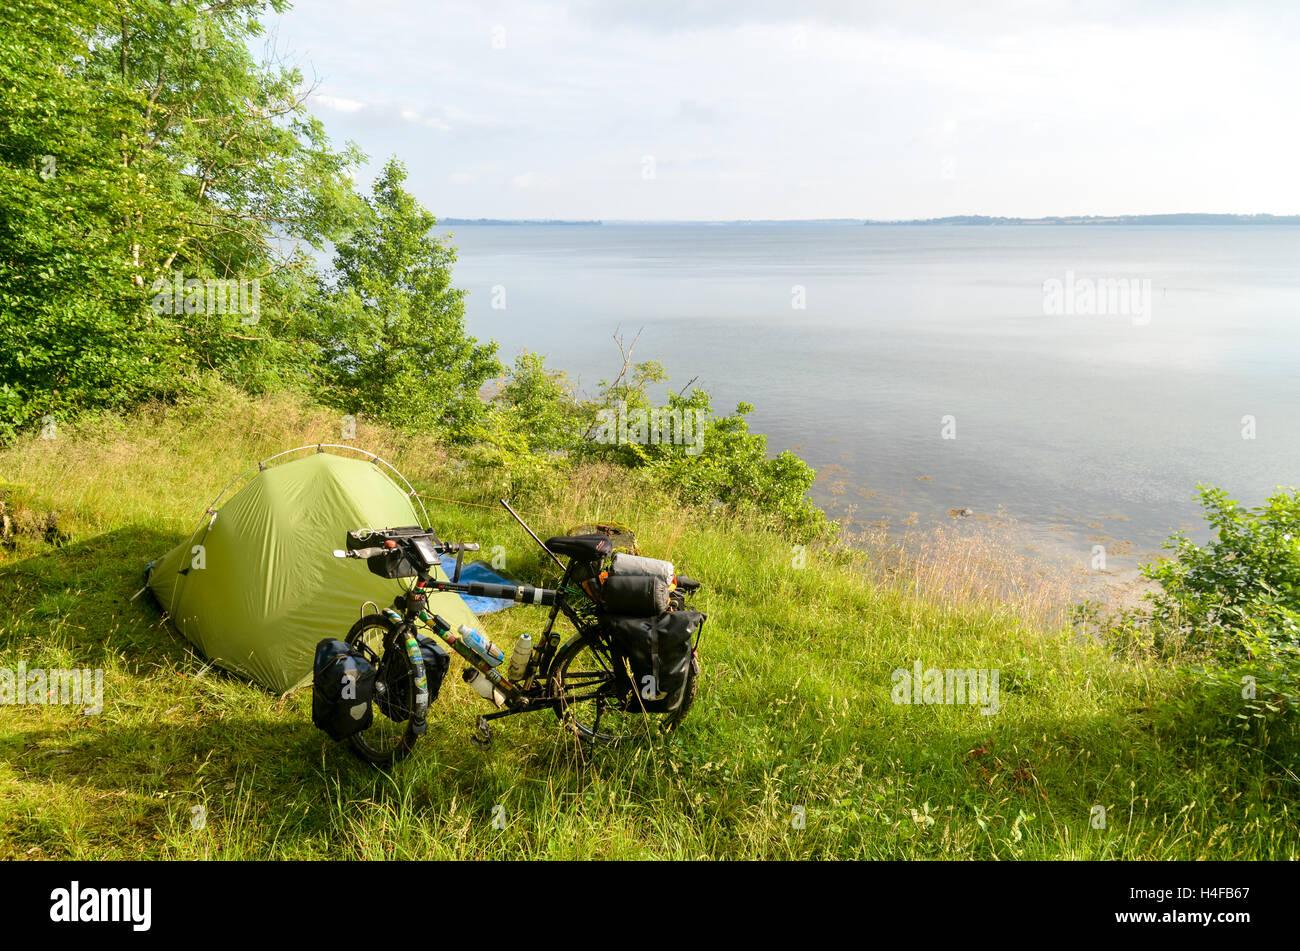 Bicycke et tente par le fjord Flensborg, Allemagne Photo Stock